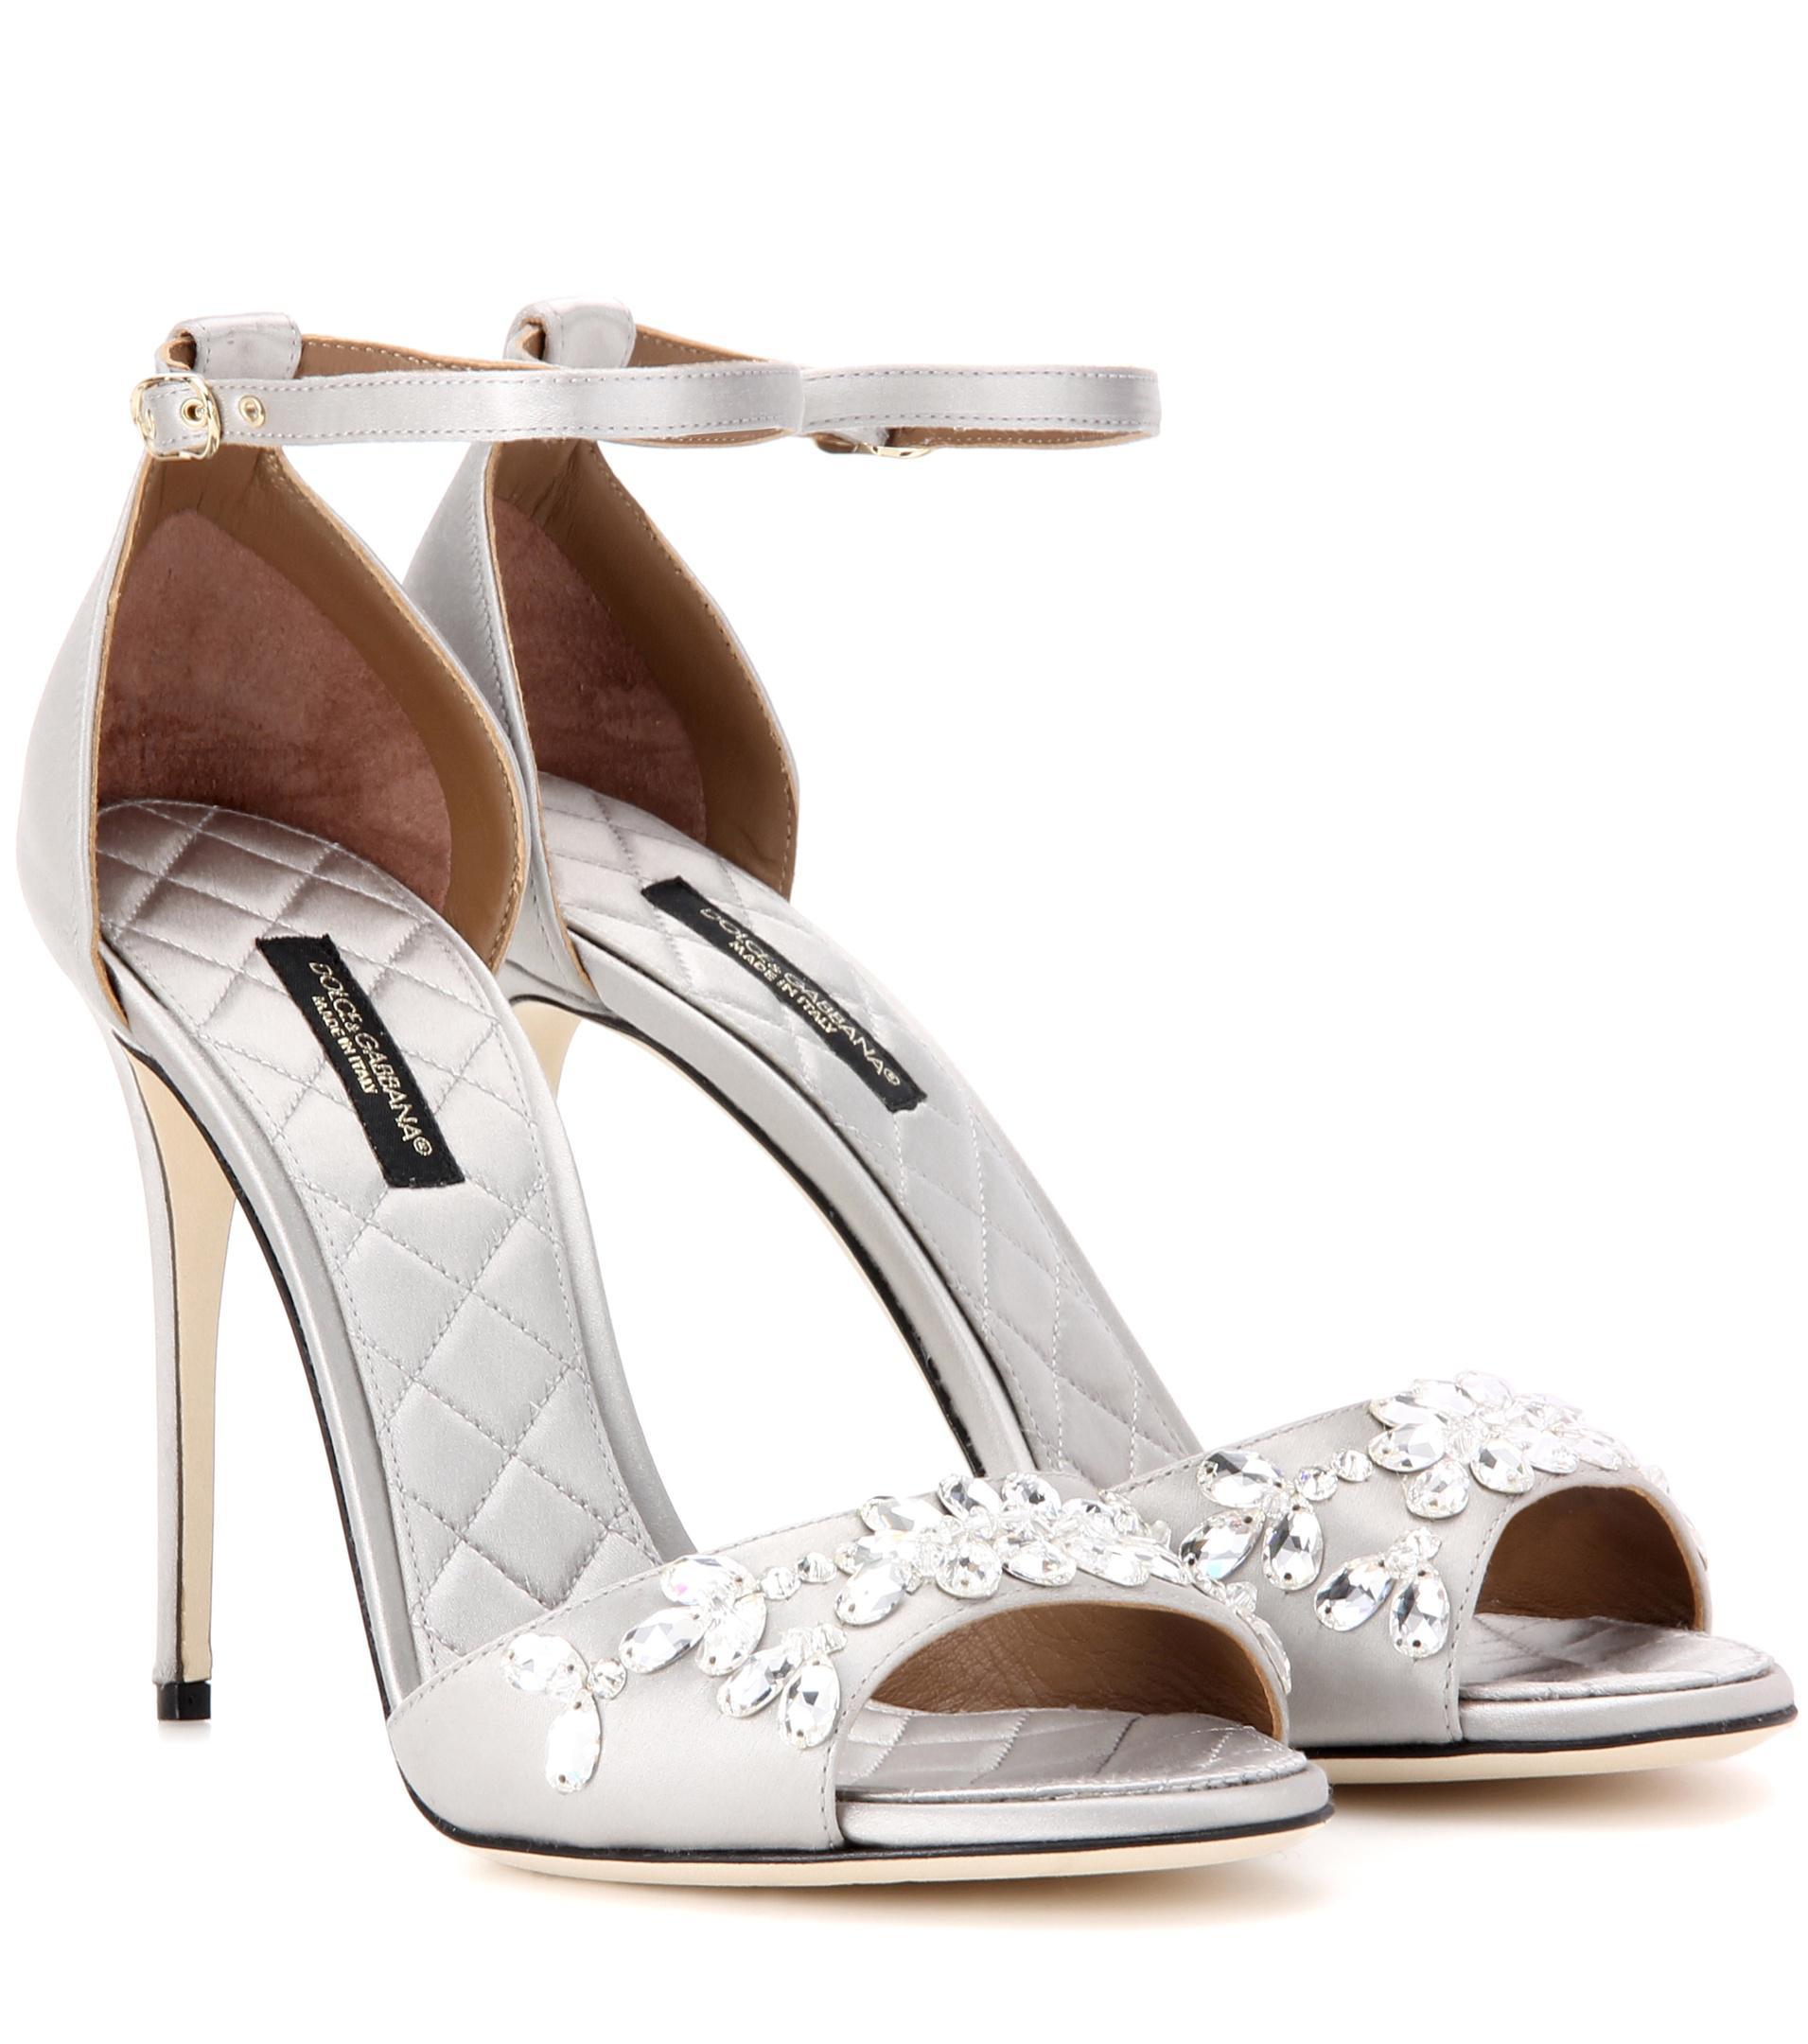 Dolce & Gabbana Satin Sandals oYEQUdlfd2